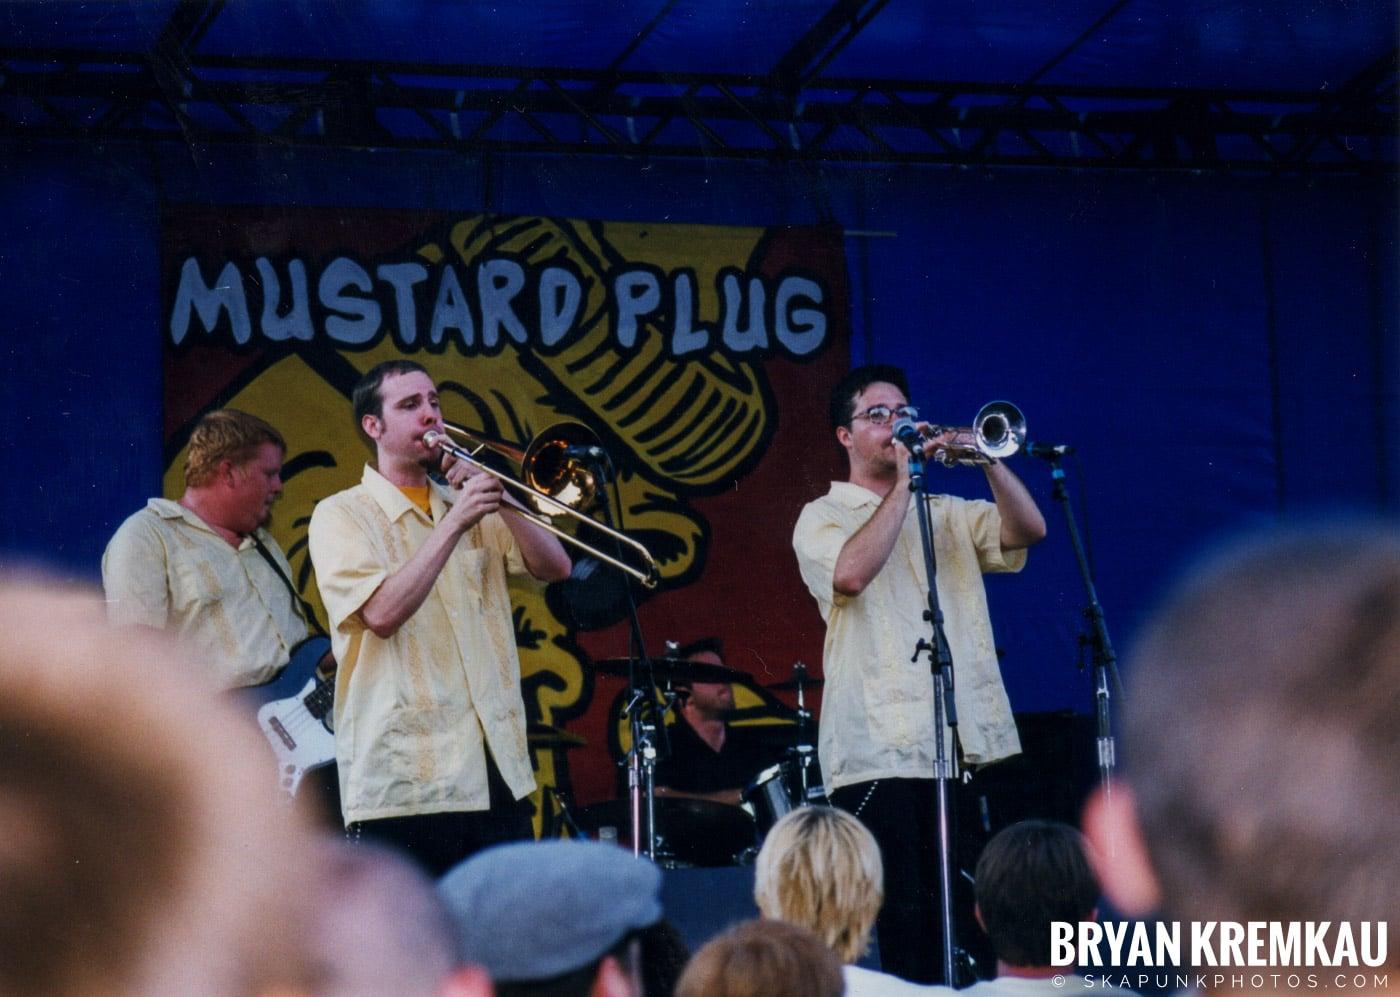 Mustard Plug @ New England Ska Fest 98, Westford, MA - 8.22.98 (5)